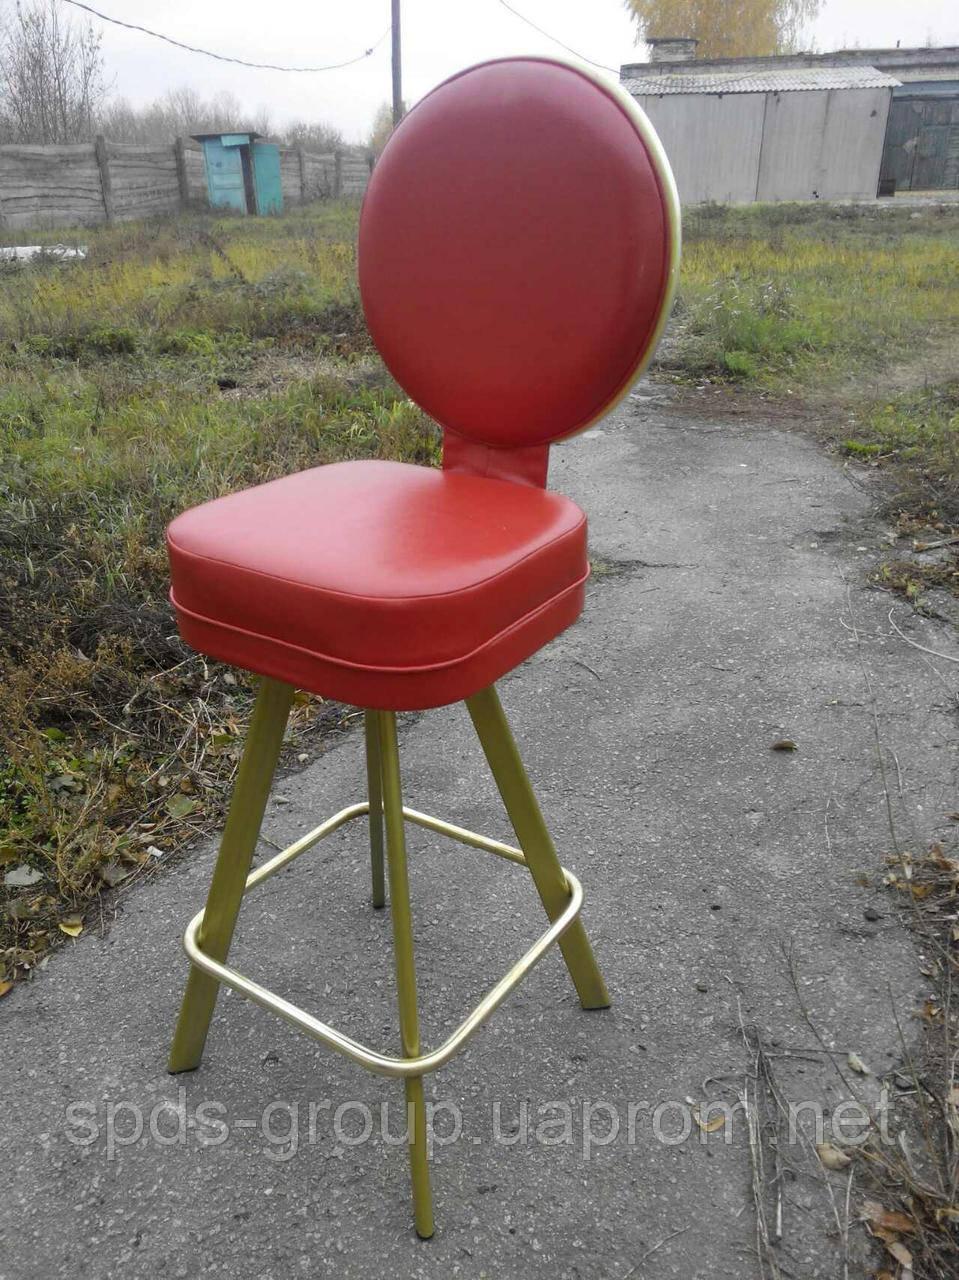 """Стул для казино """"Поинт"""" - SPDS GROUP - производство стульев для игрового бизнеса в Белой Церкви"""